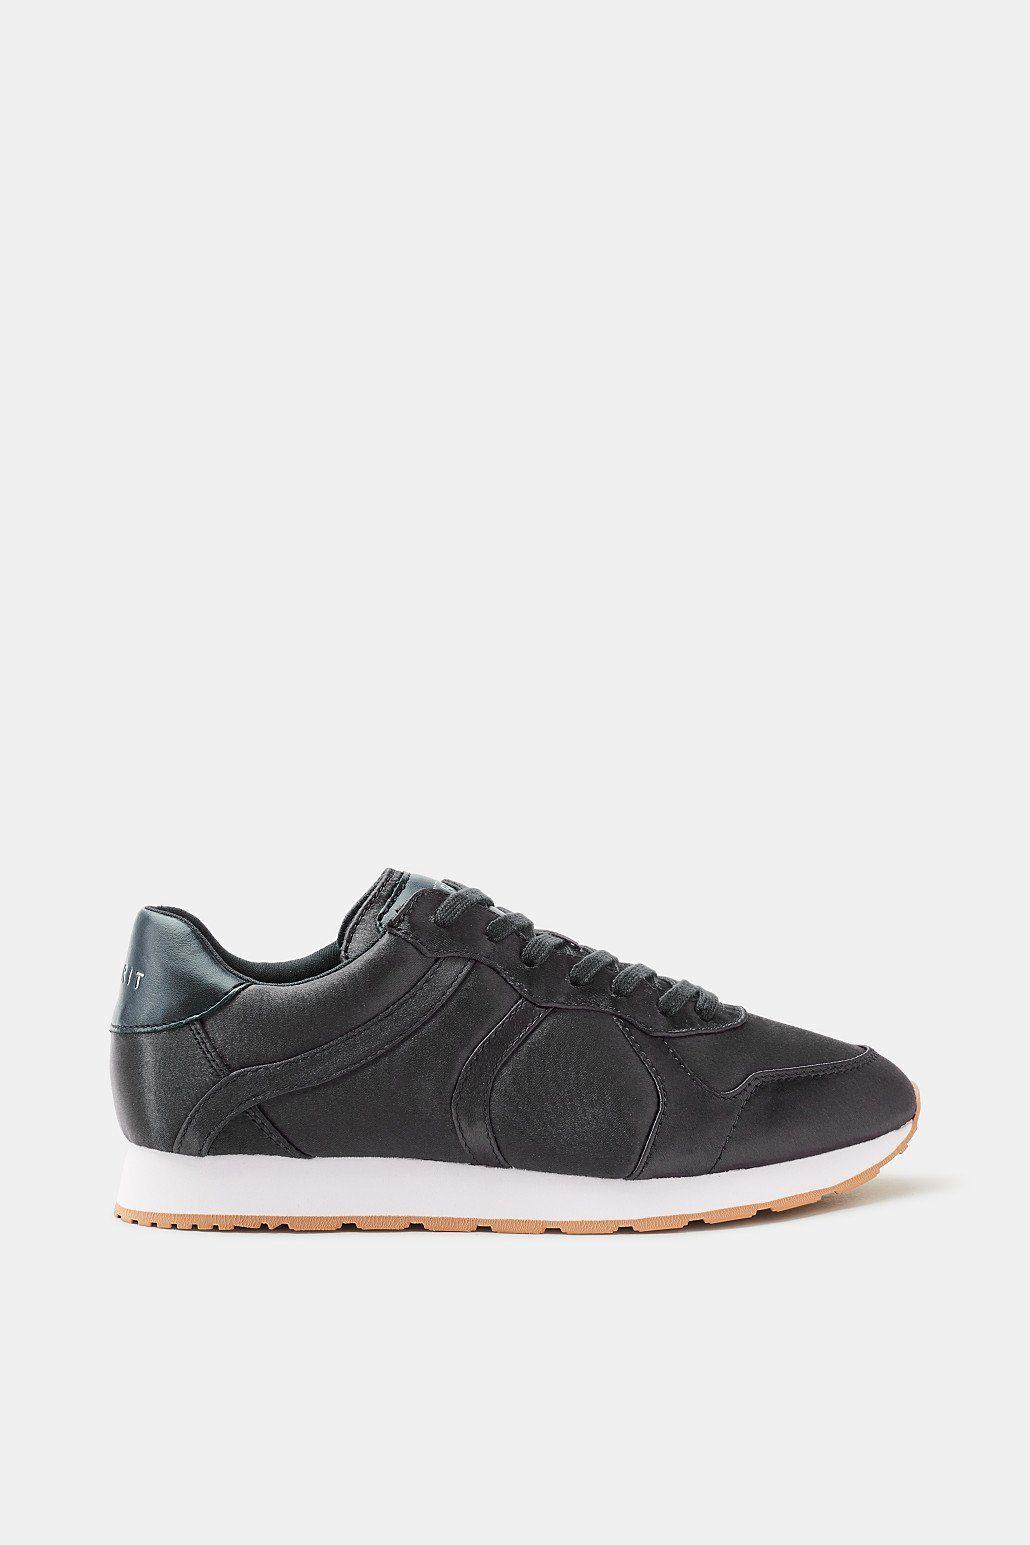 Esprit Fein schimmernder Sneaker zum Schnüren für Damen, Größe 40, Black